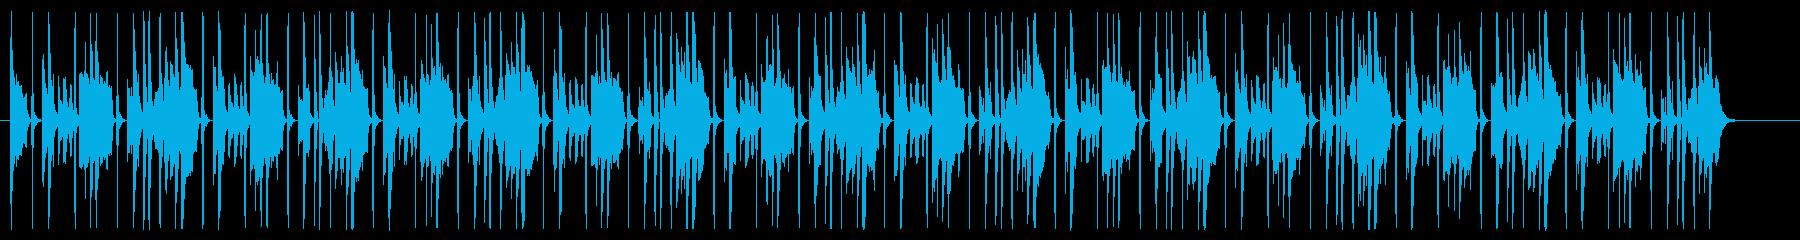 木琴と弦の愉快なBGM シンキングタイムの再生済みの波形